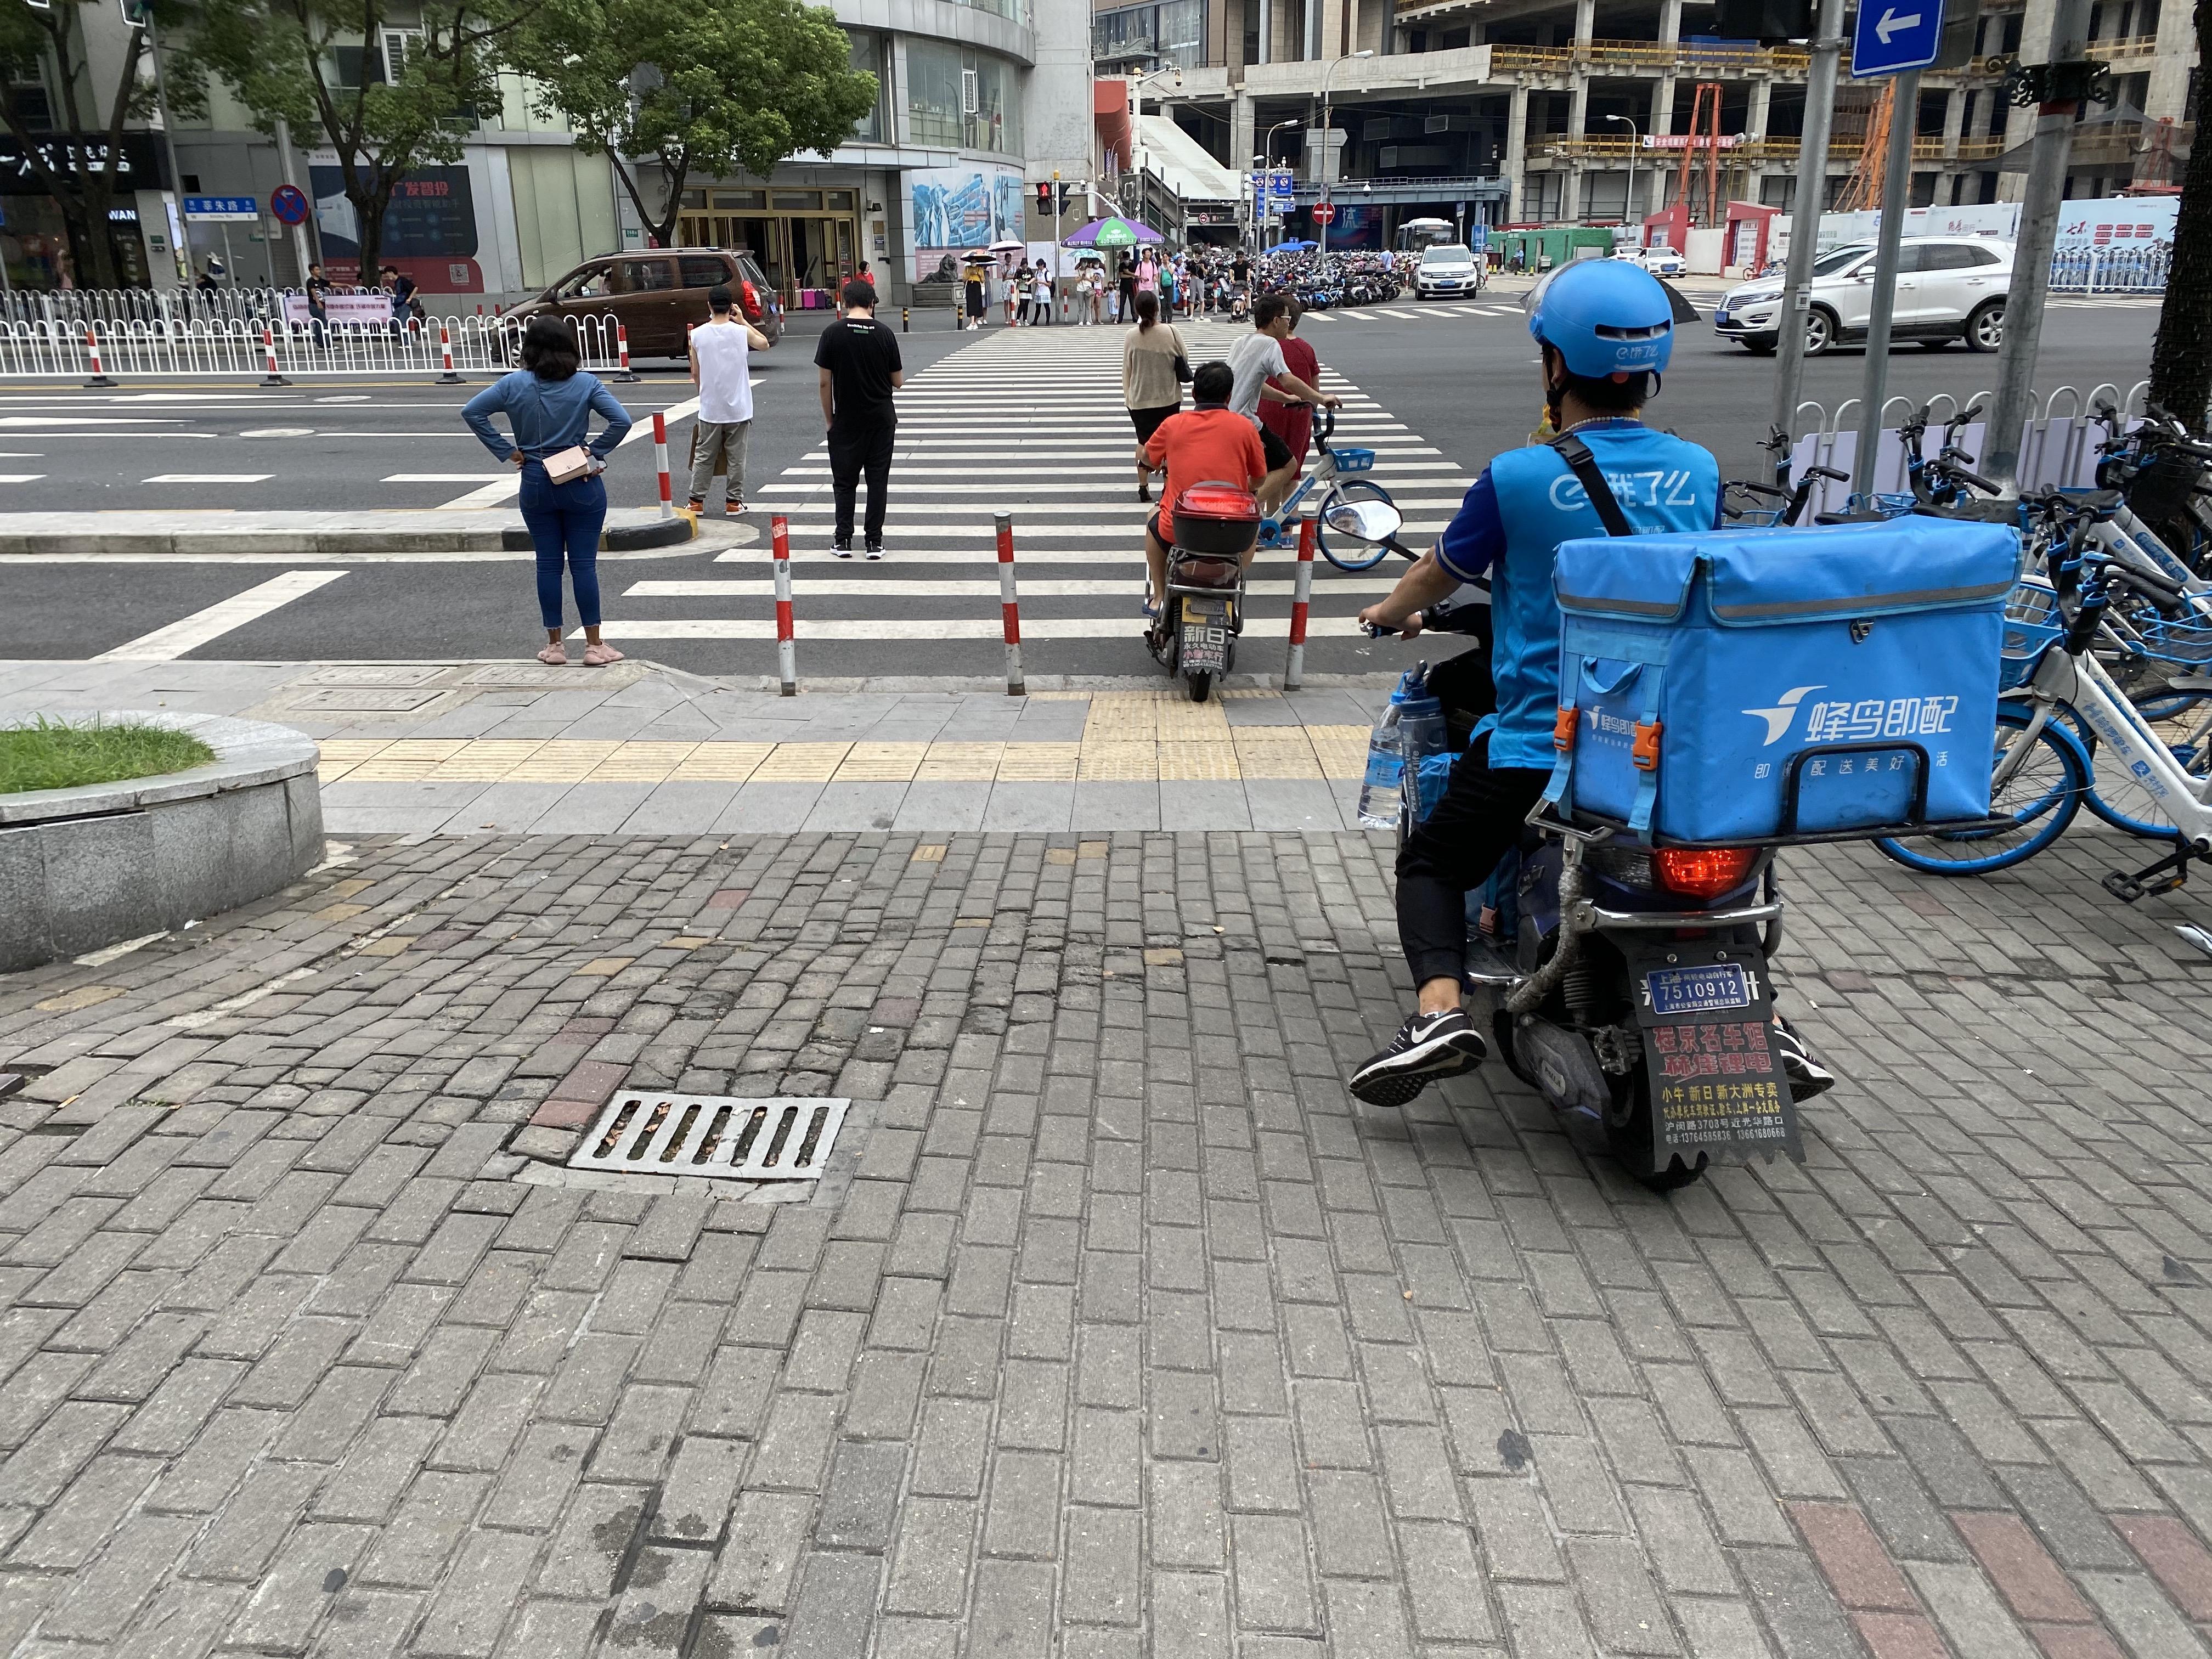 任亚军骑车前去送餐。澎湃新闻记者陈逸欣摄